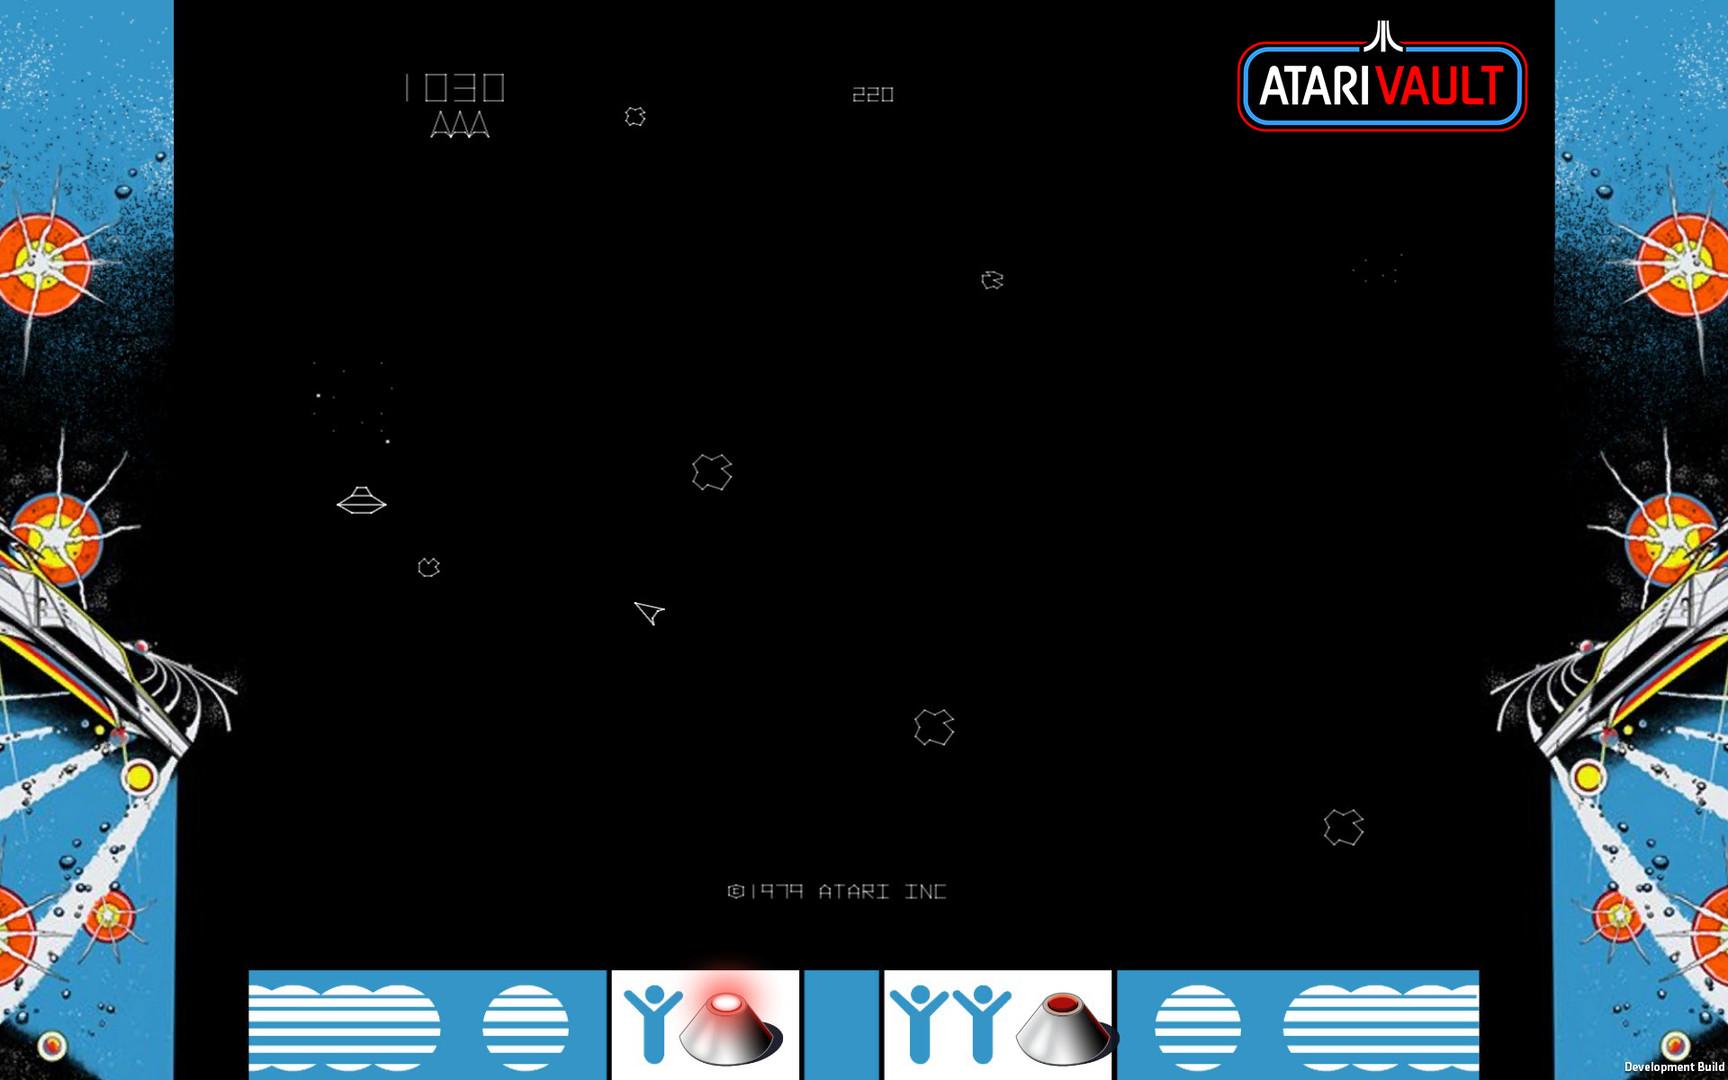 Asteroids Atari Vault